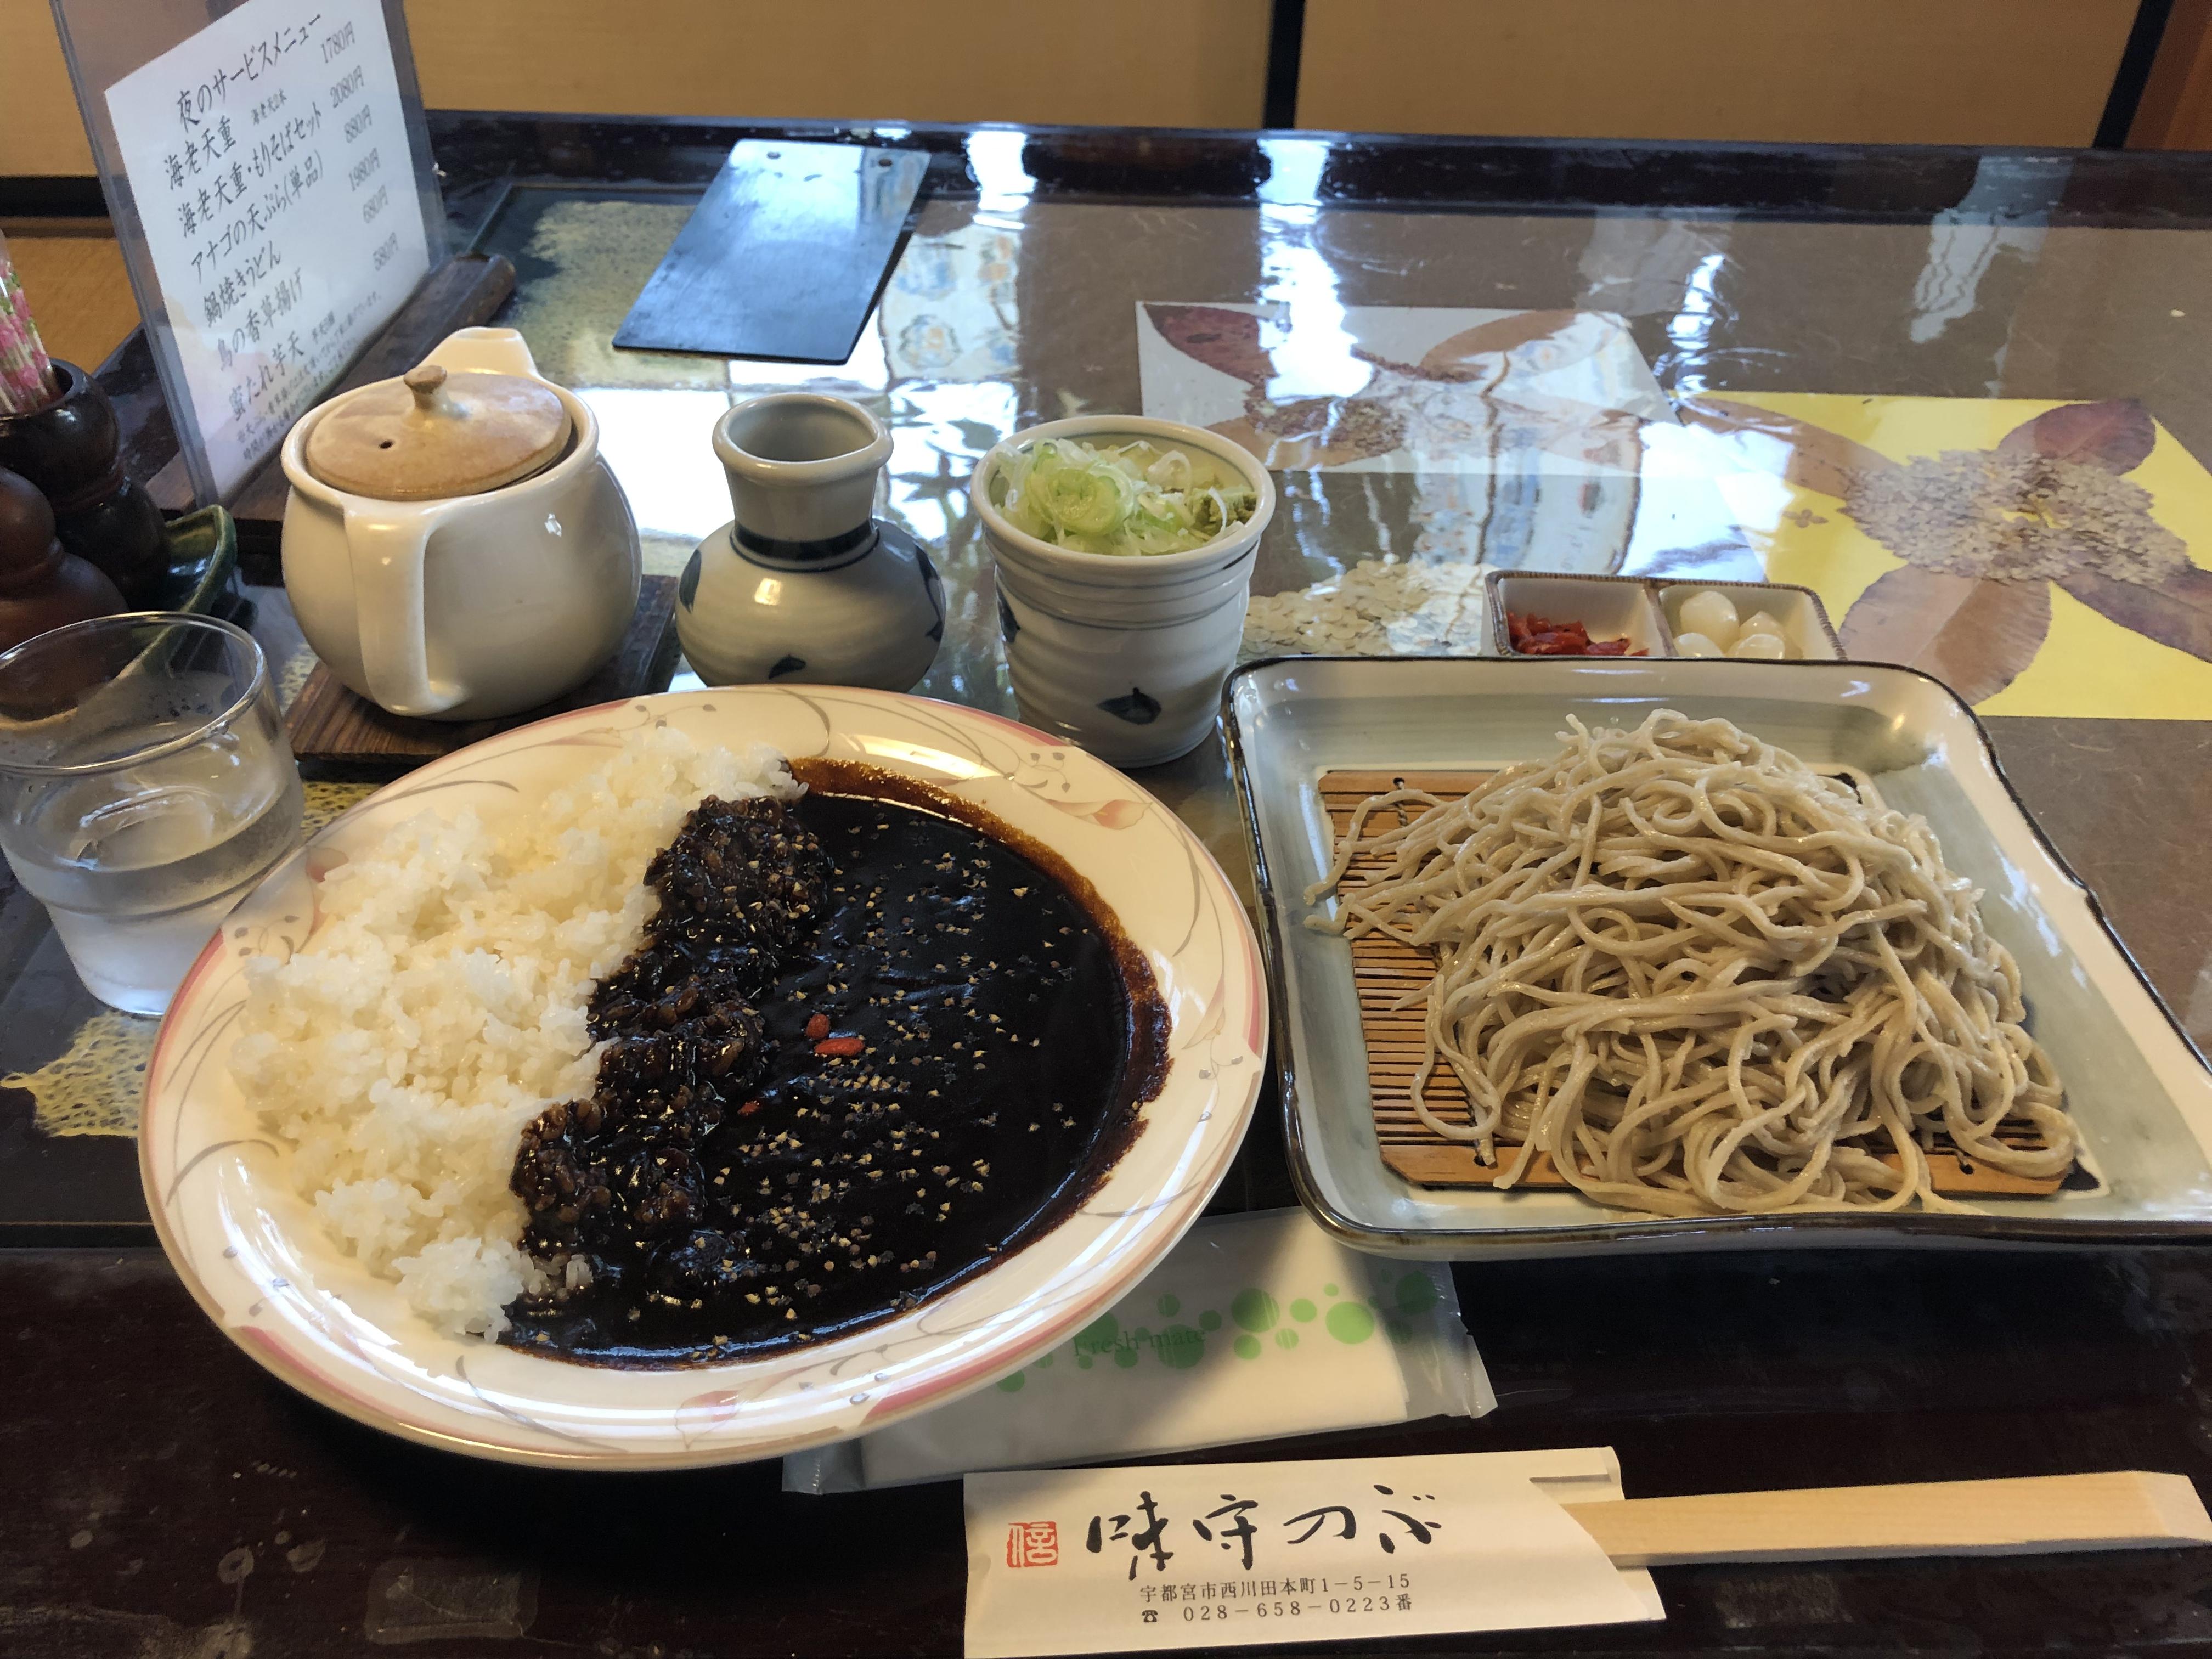 西川田駅から徒歩6分、味守のぶでいただくカレー蕎麦定食、胡椒香る黒カレーとお蕎麦はとにかく大ボリュームでお腹いっぱいに